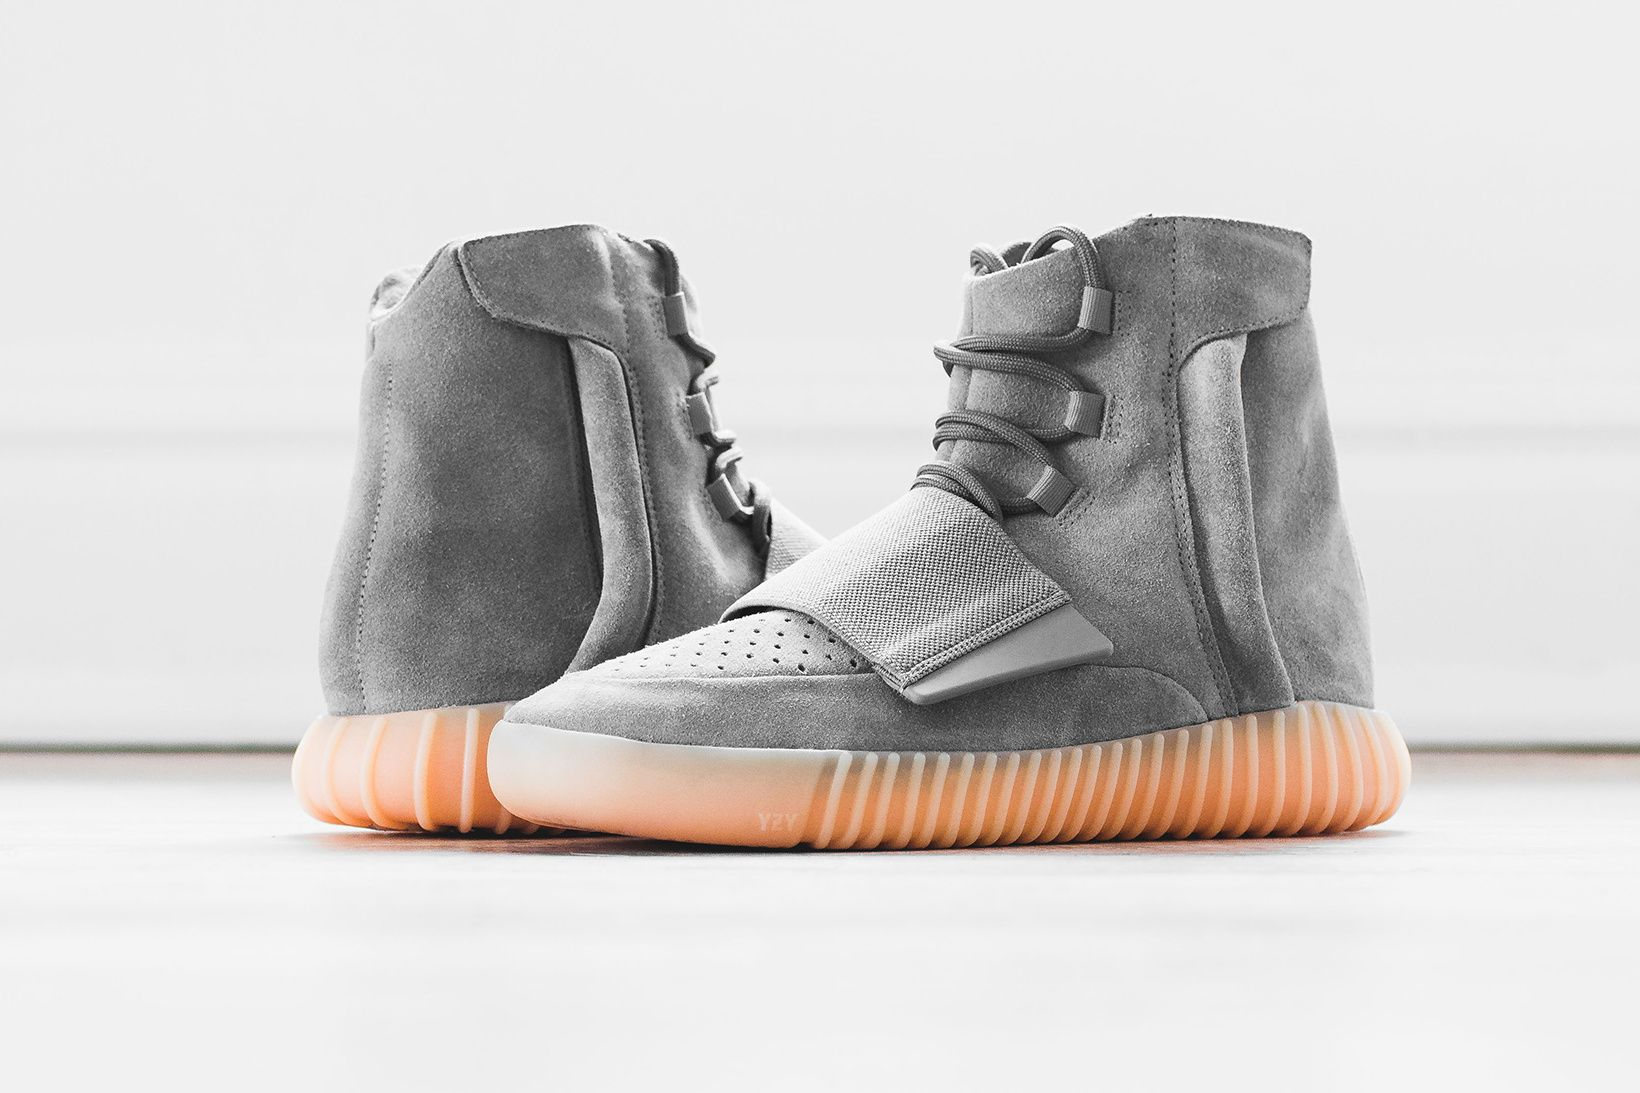 adidas 750 yeezy price